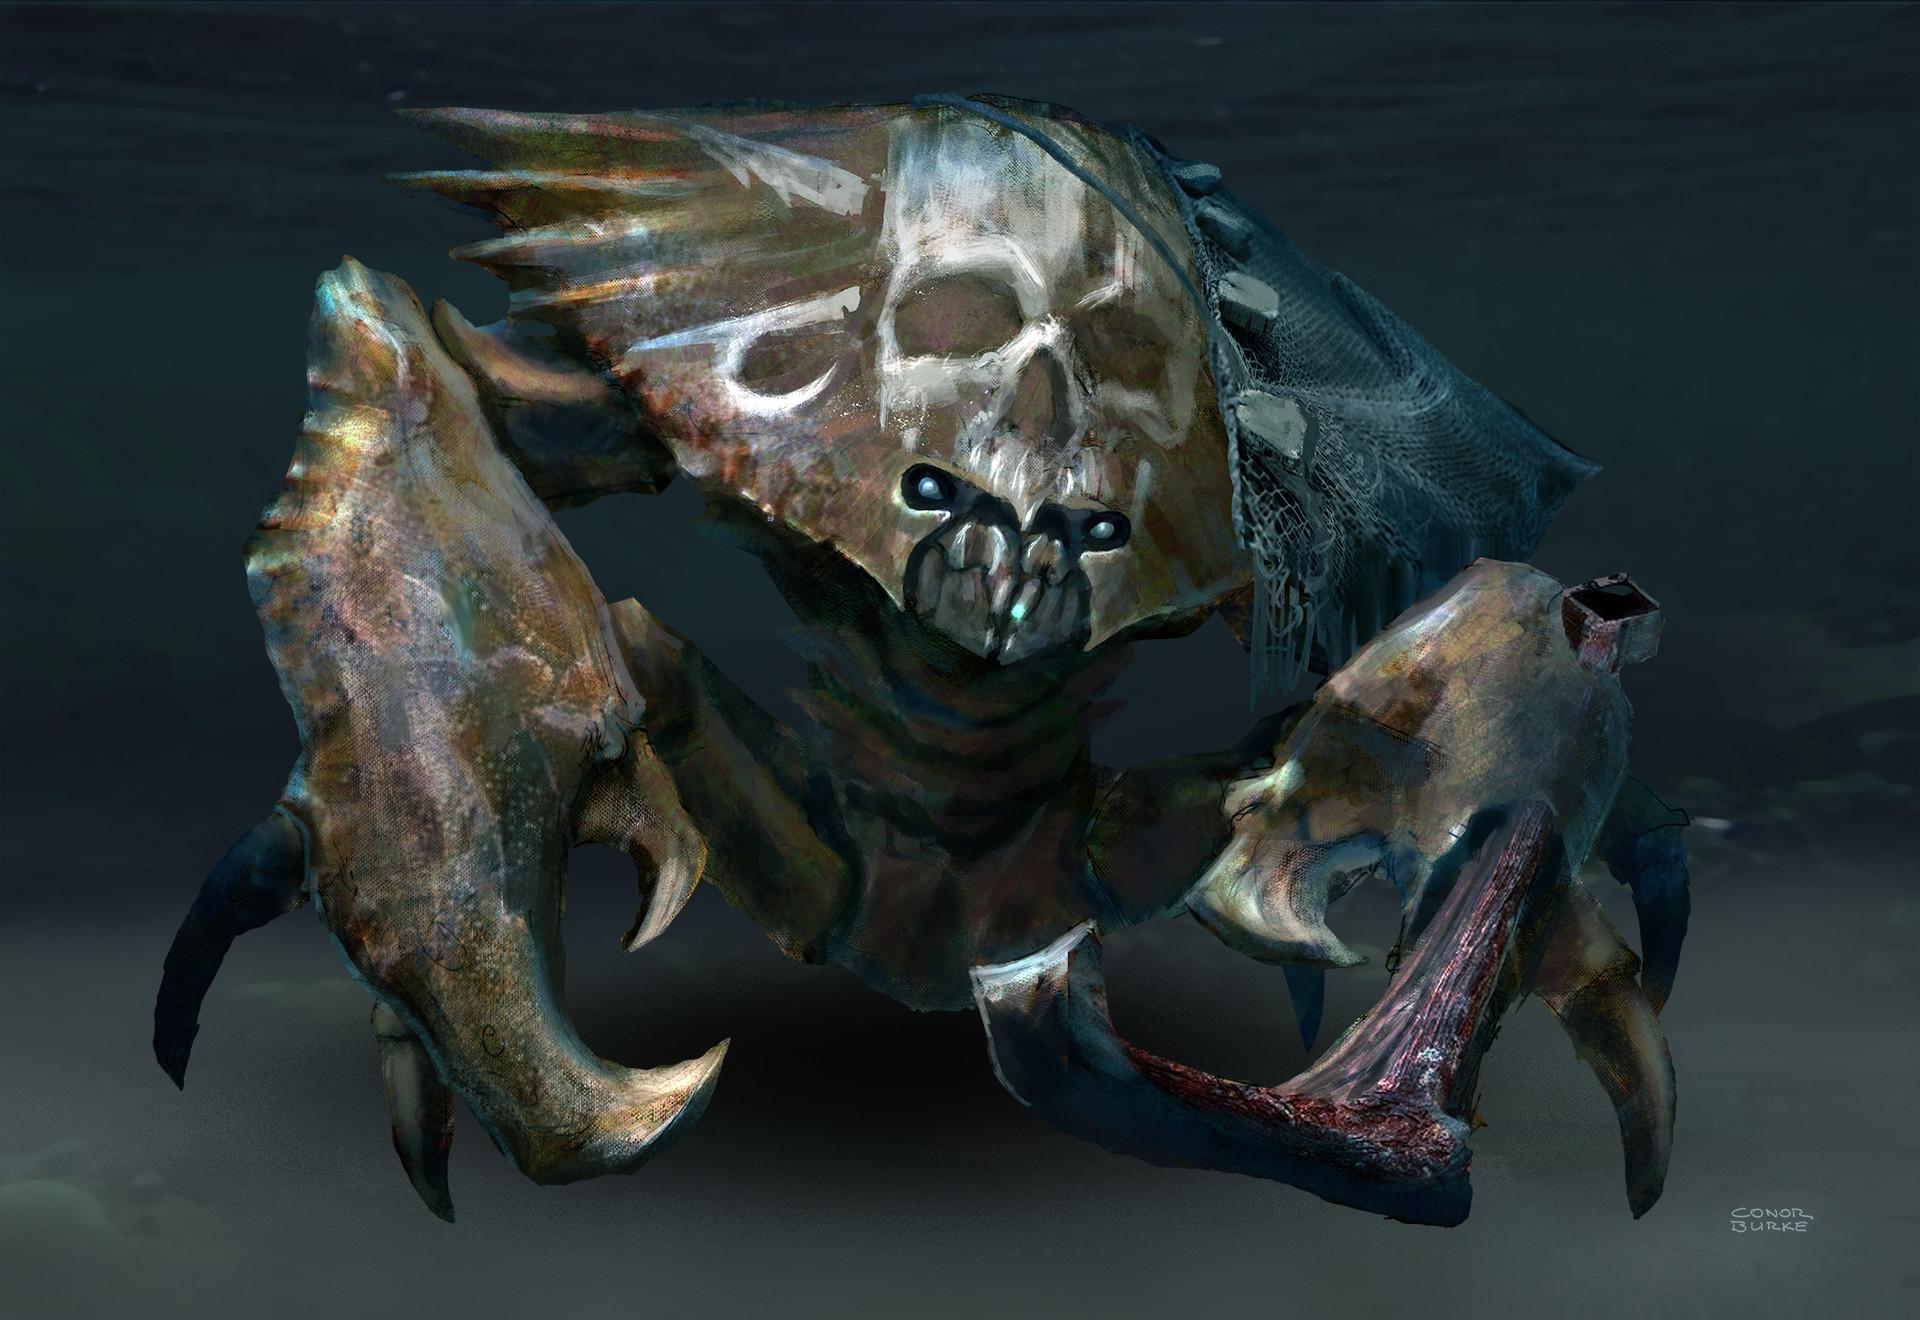 Conor burke conor burke btw pirate crab